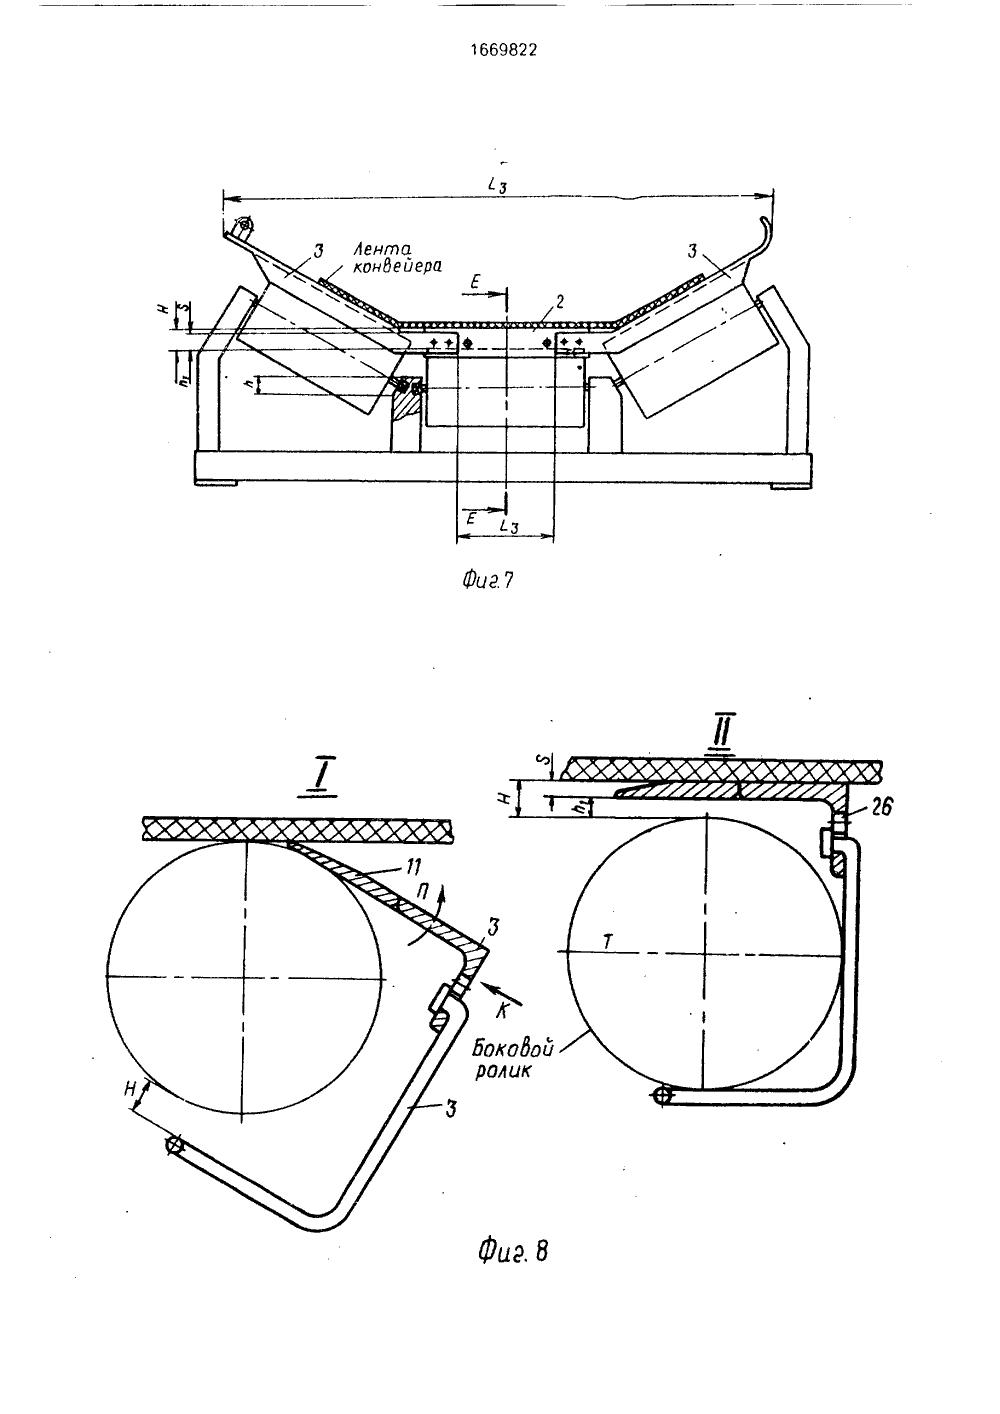 Замена роликов конвейера как определить скорость конвейера